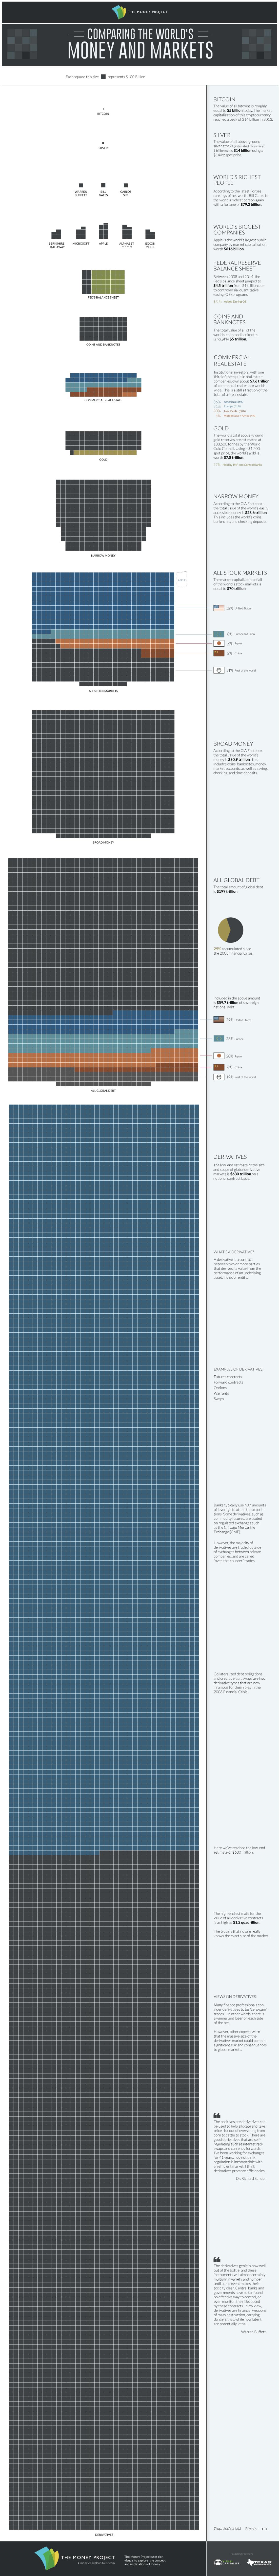 Wszystkie pieniądze świata na jednym diagramie